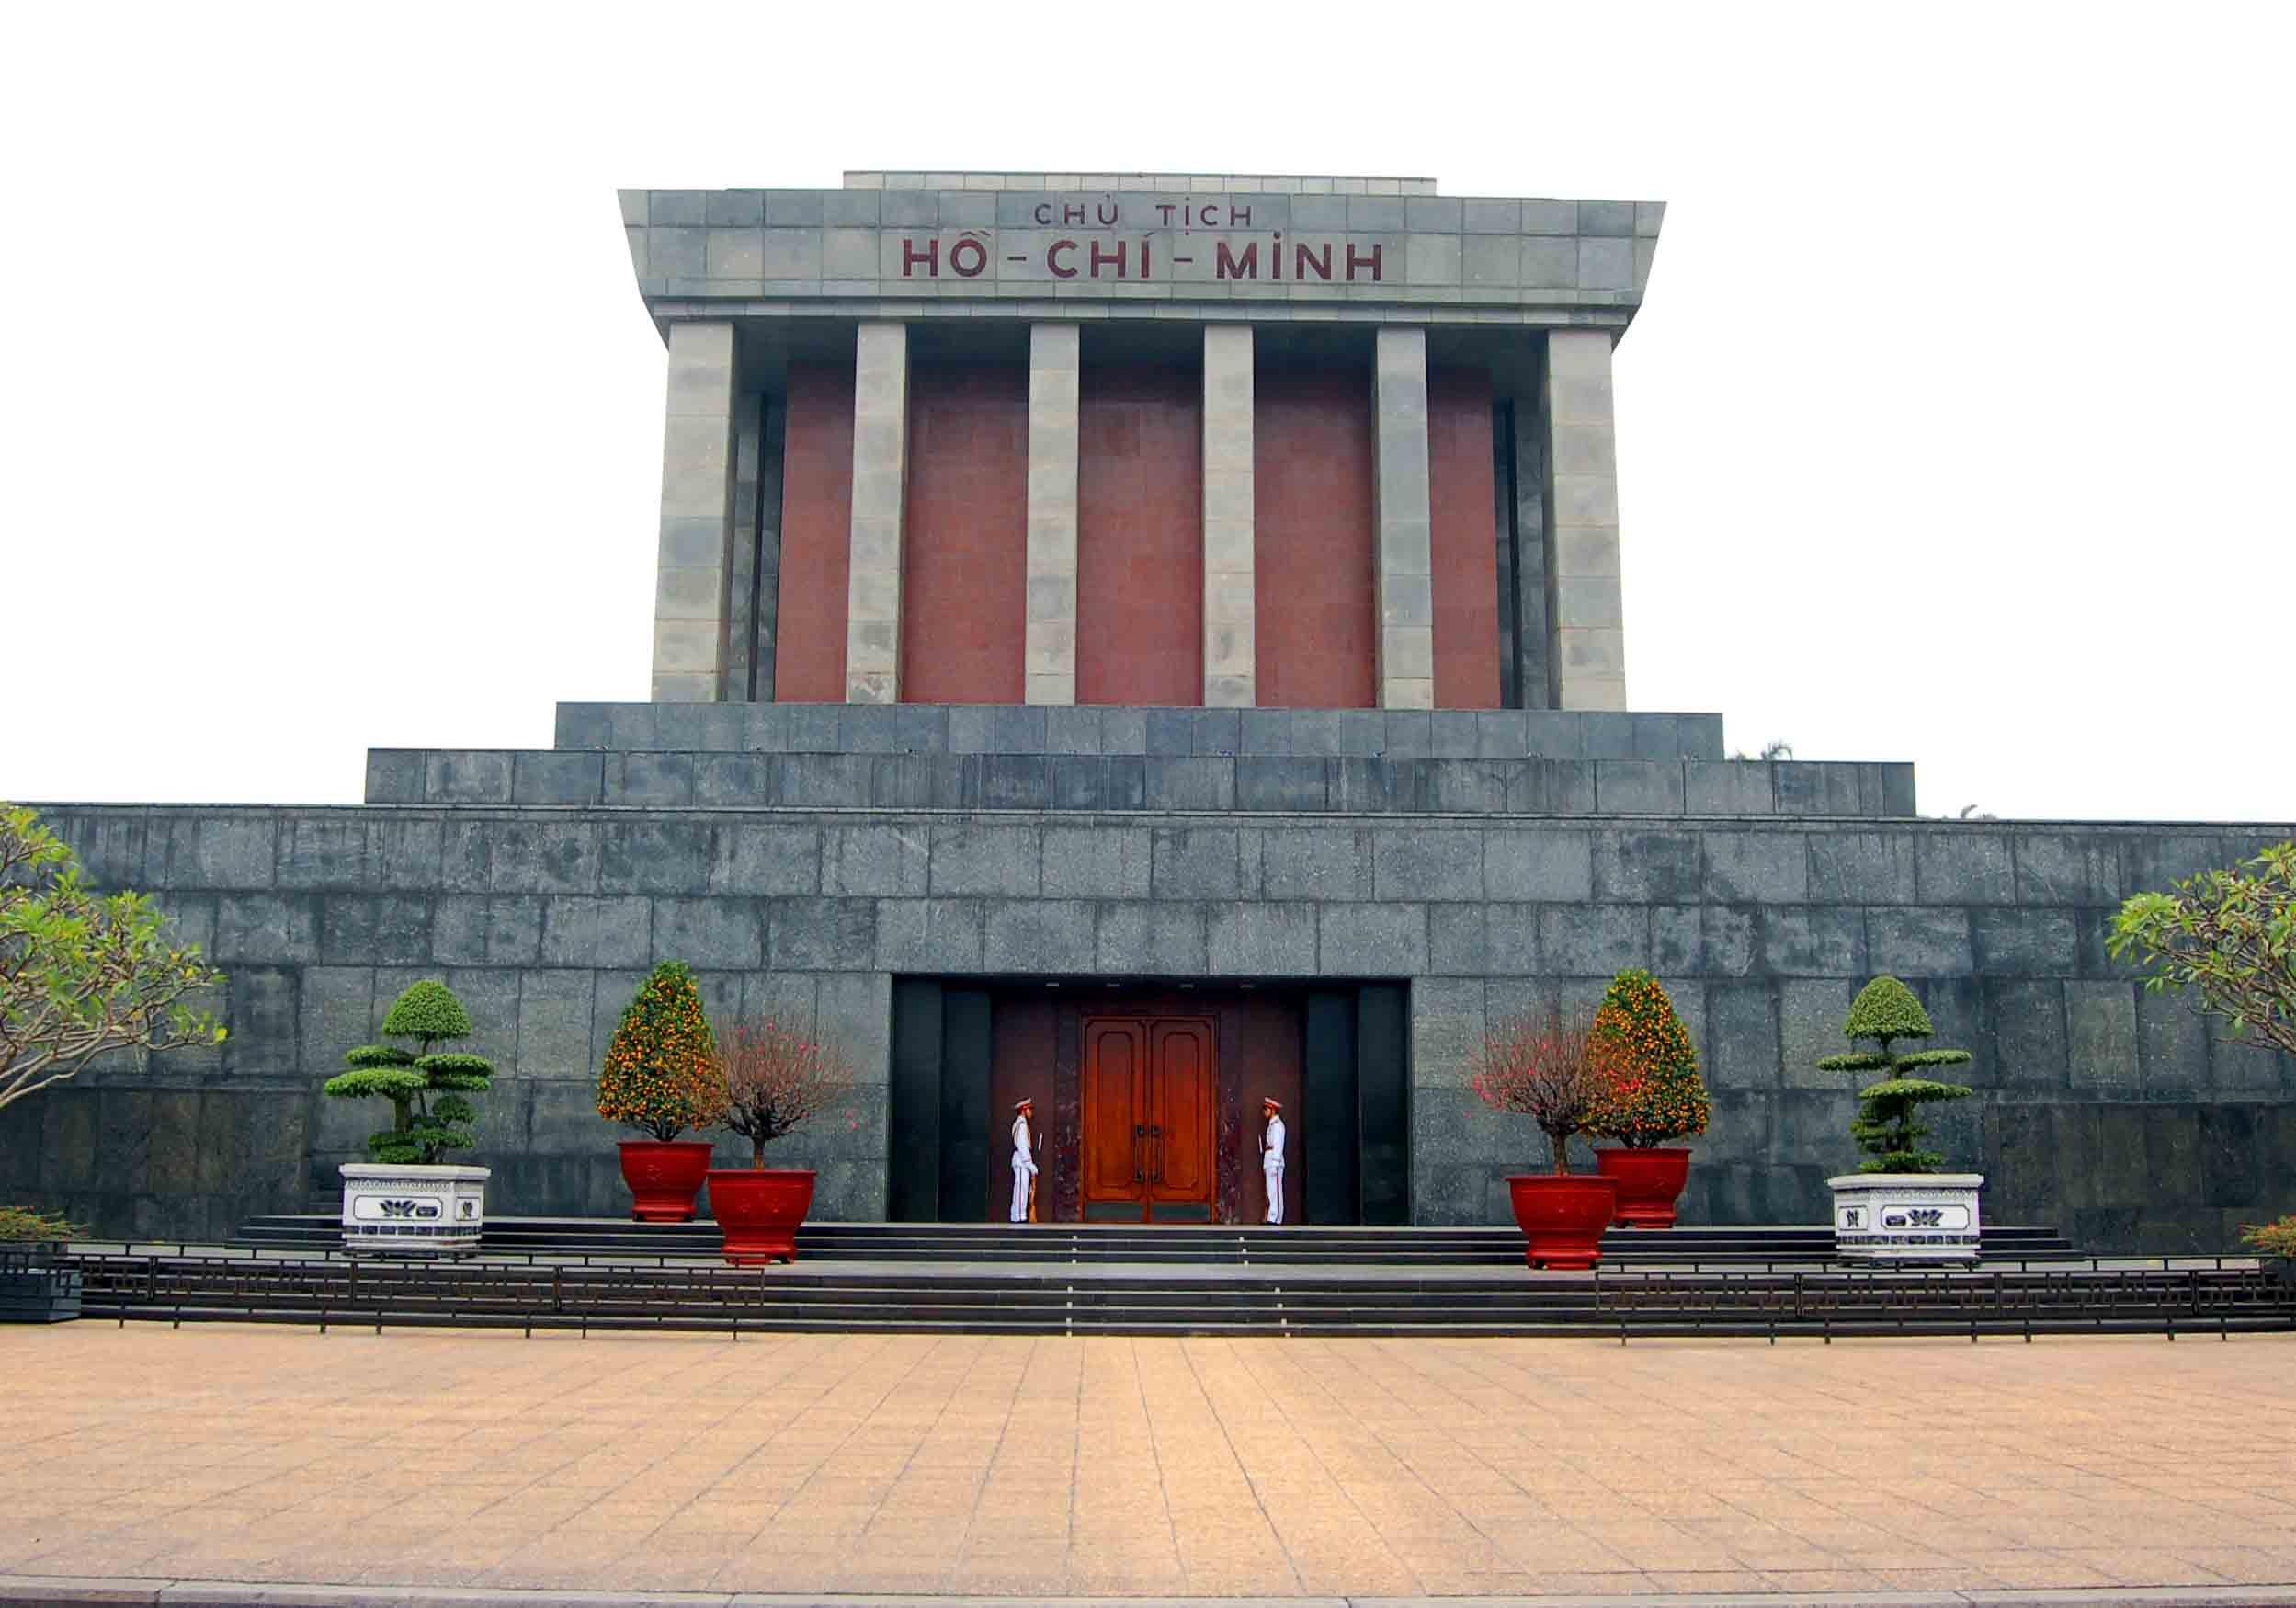 THỦ ĐÔ - HẠ LONG - SAPA